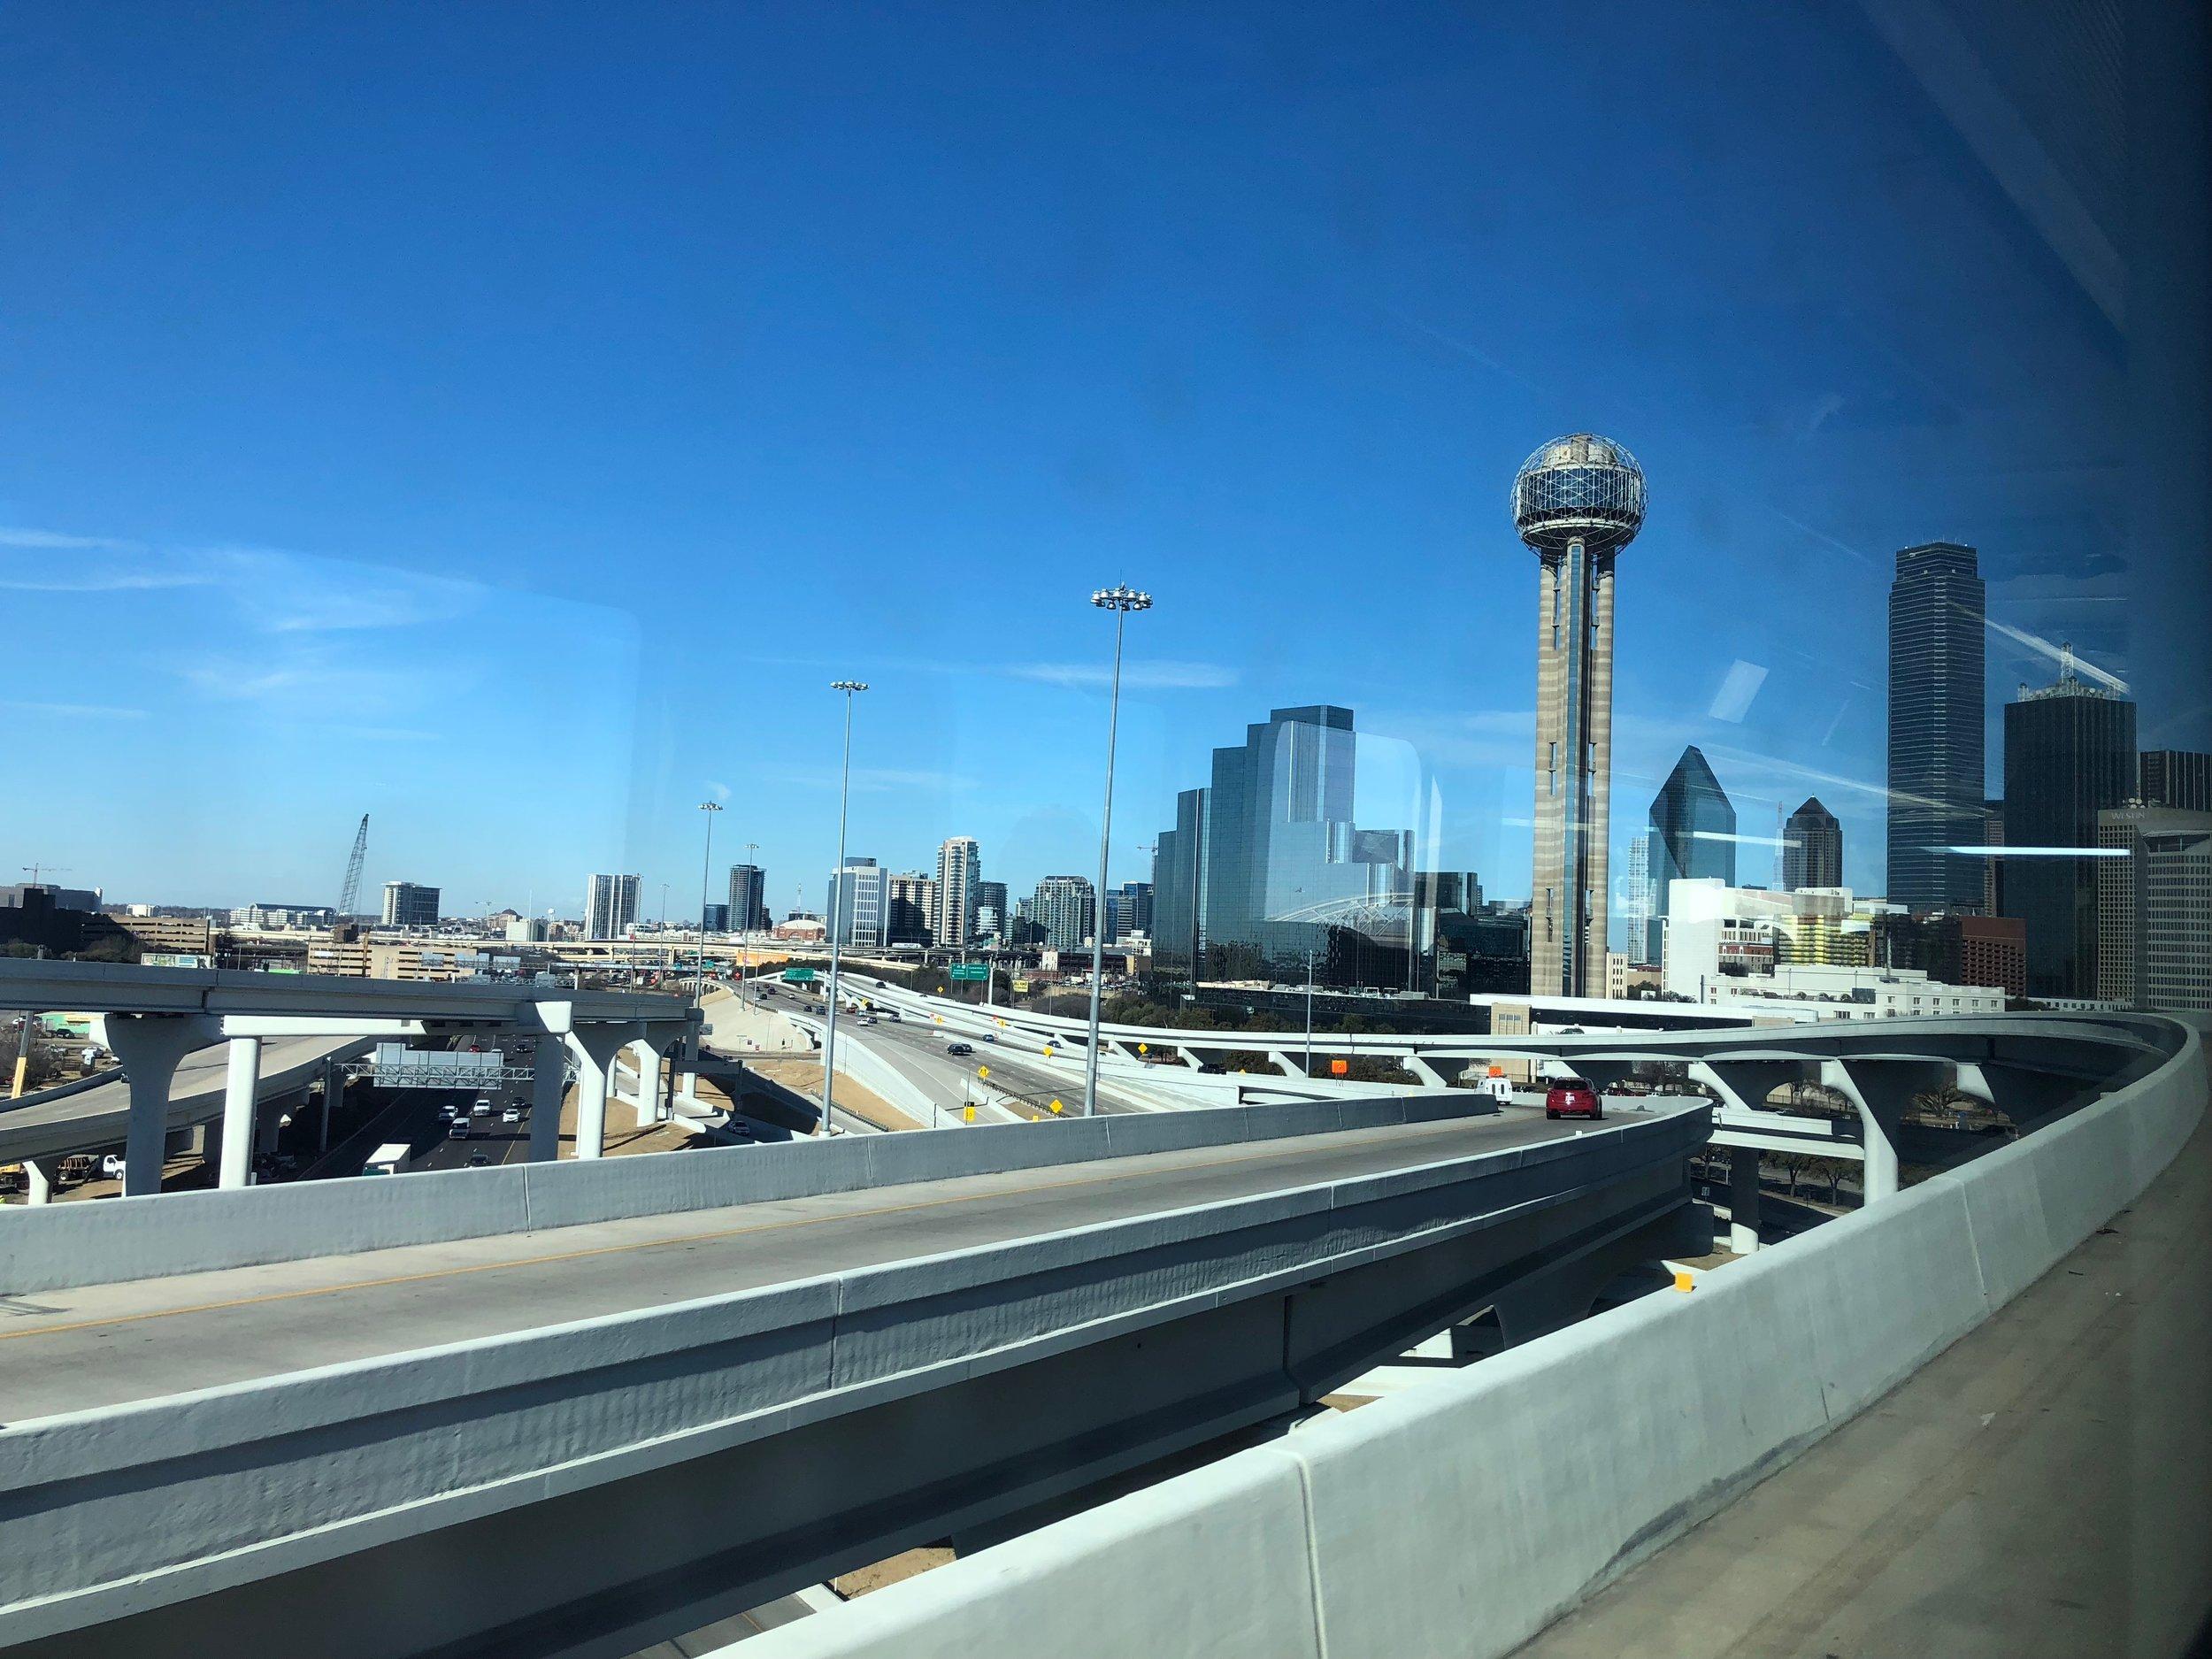 Coming into Dallas